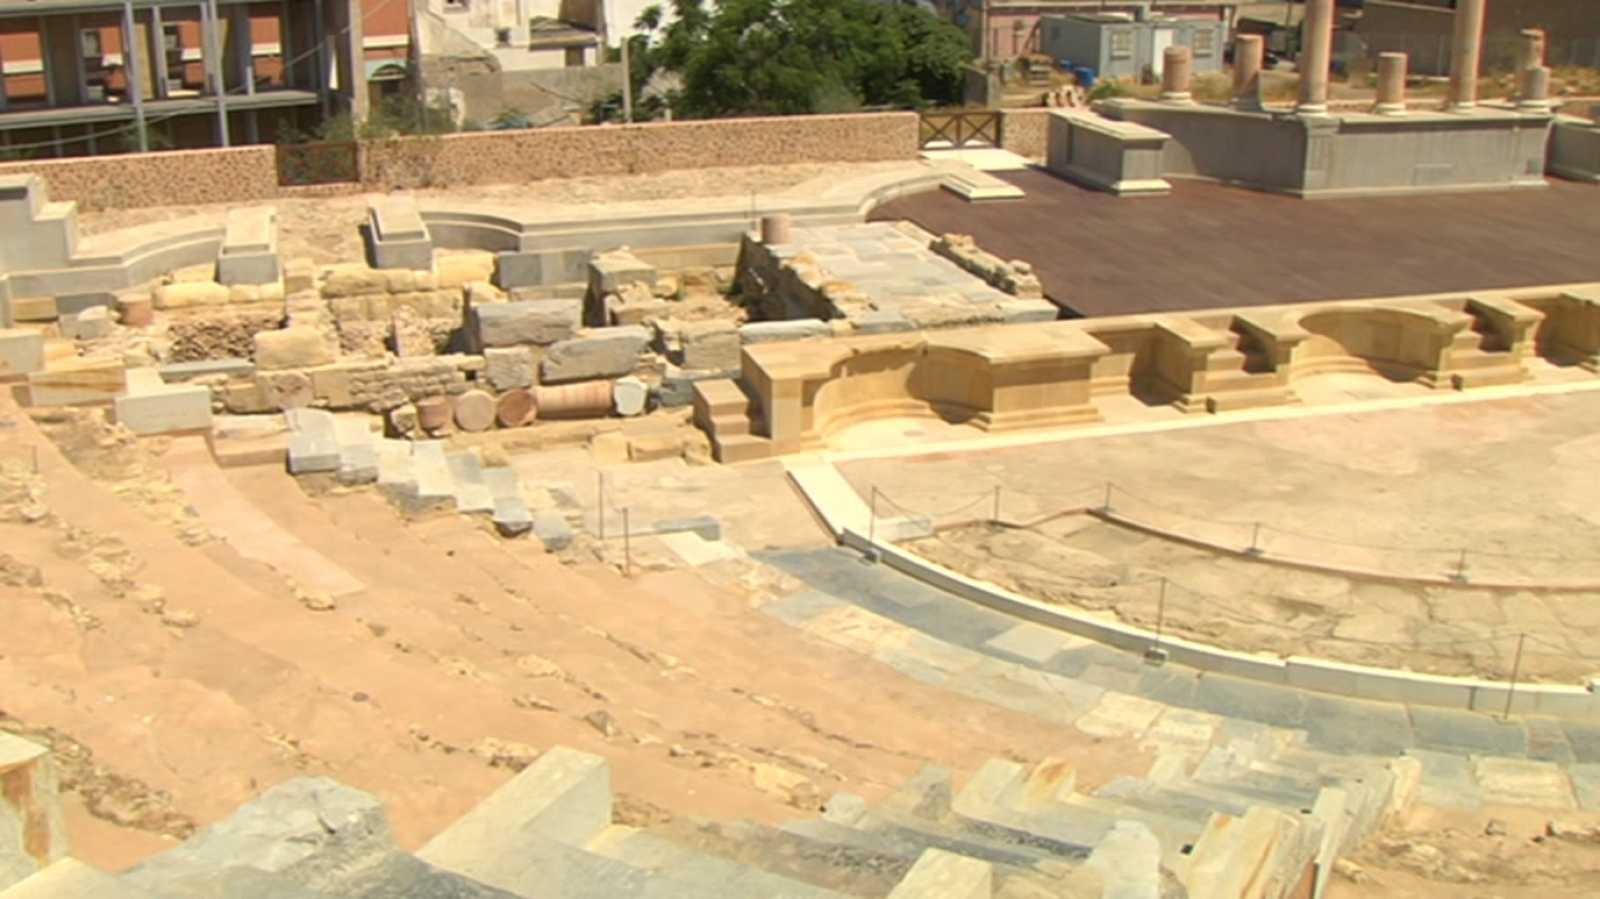 Arqueomanía - Un paseo por Hispania (2ª parte) - ver ahora